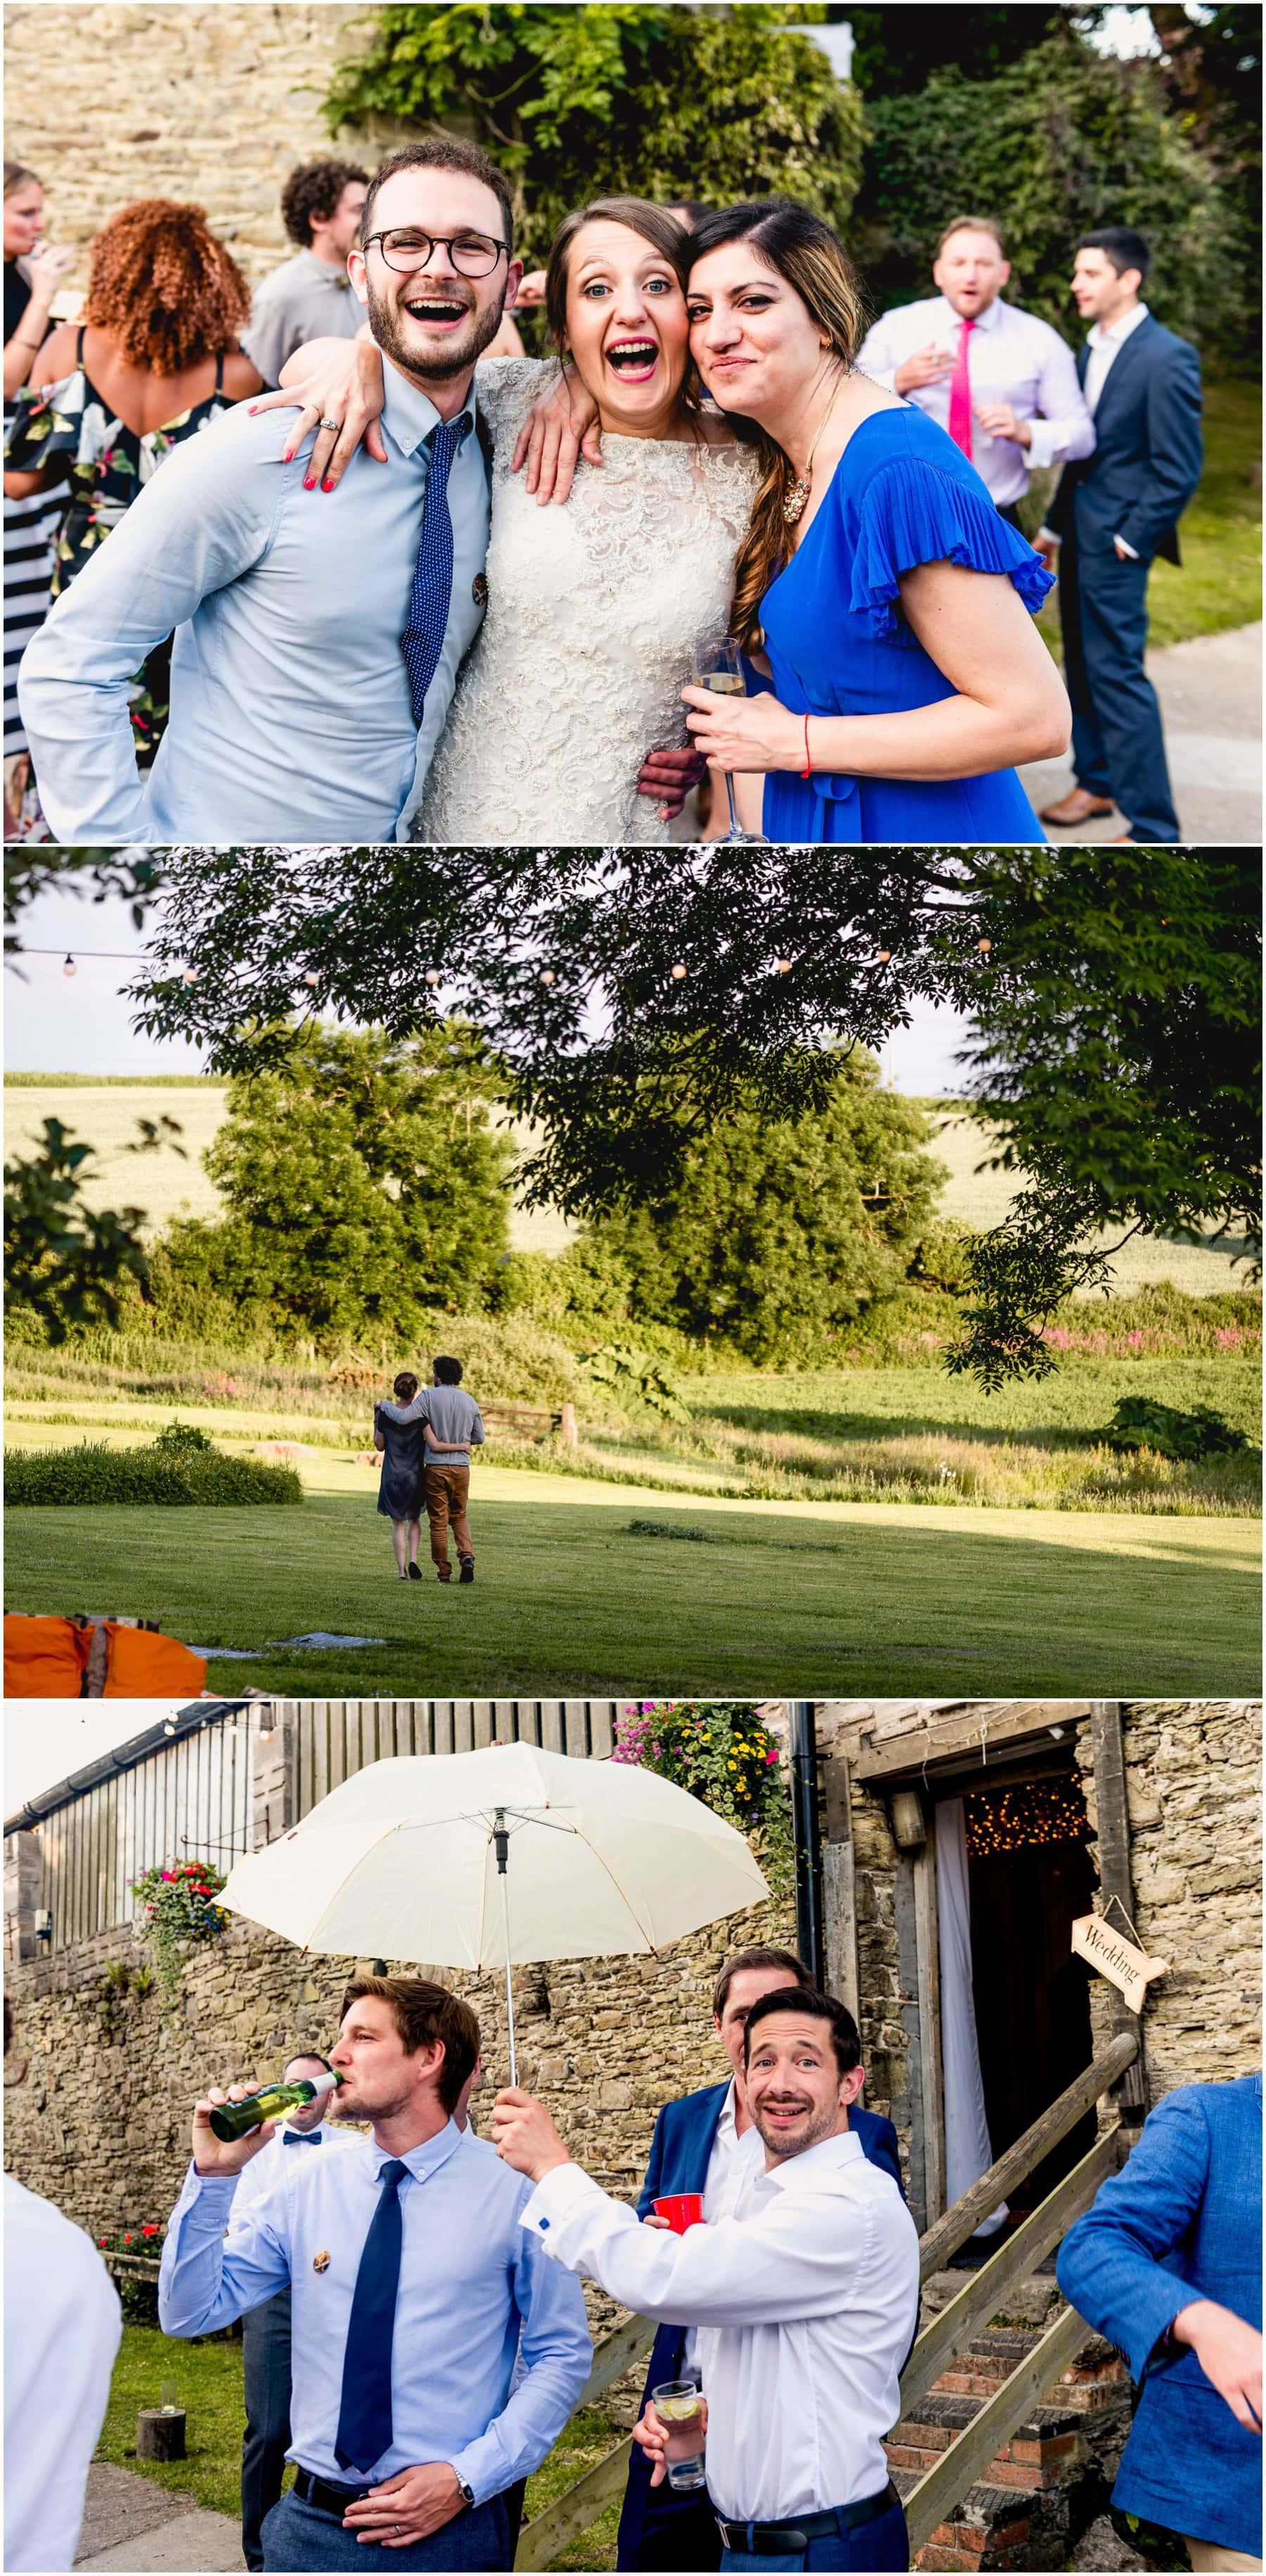 Guest photos at Jenna and Ben's wedding.